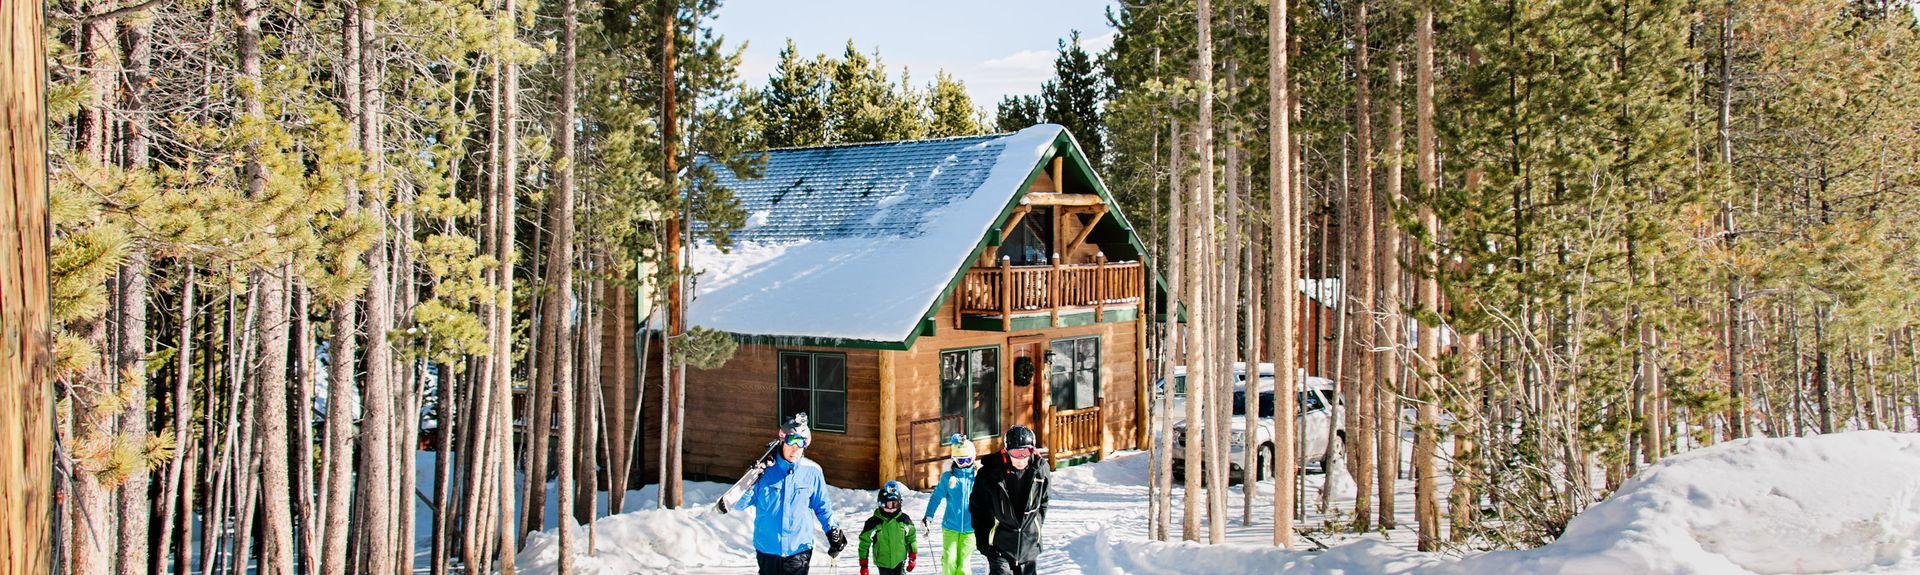 Station de ski de La Plagne 1800, La Plagne-Tarentaise, Savoie (département), France